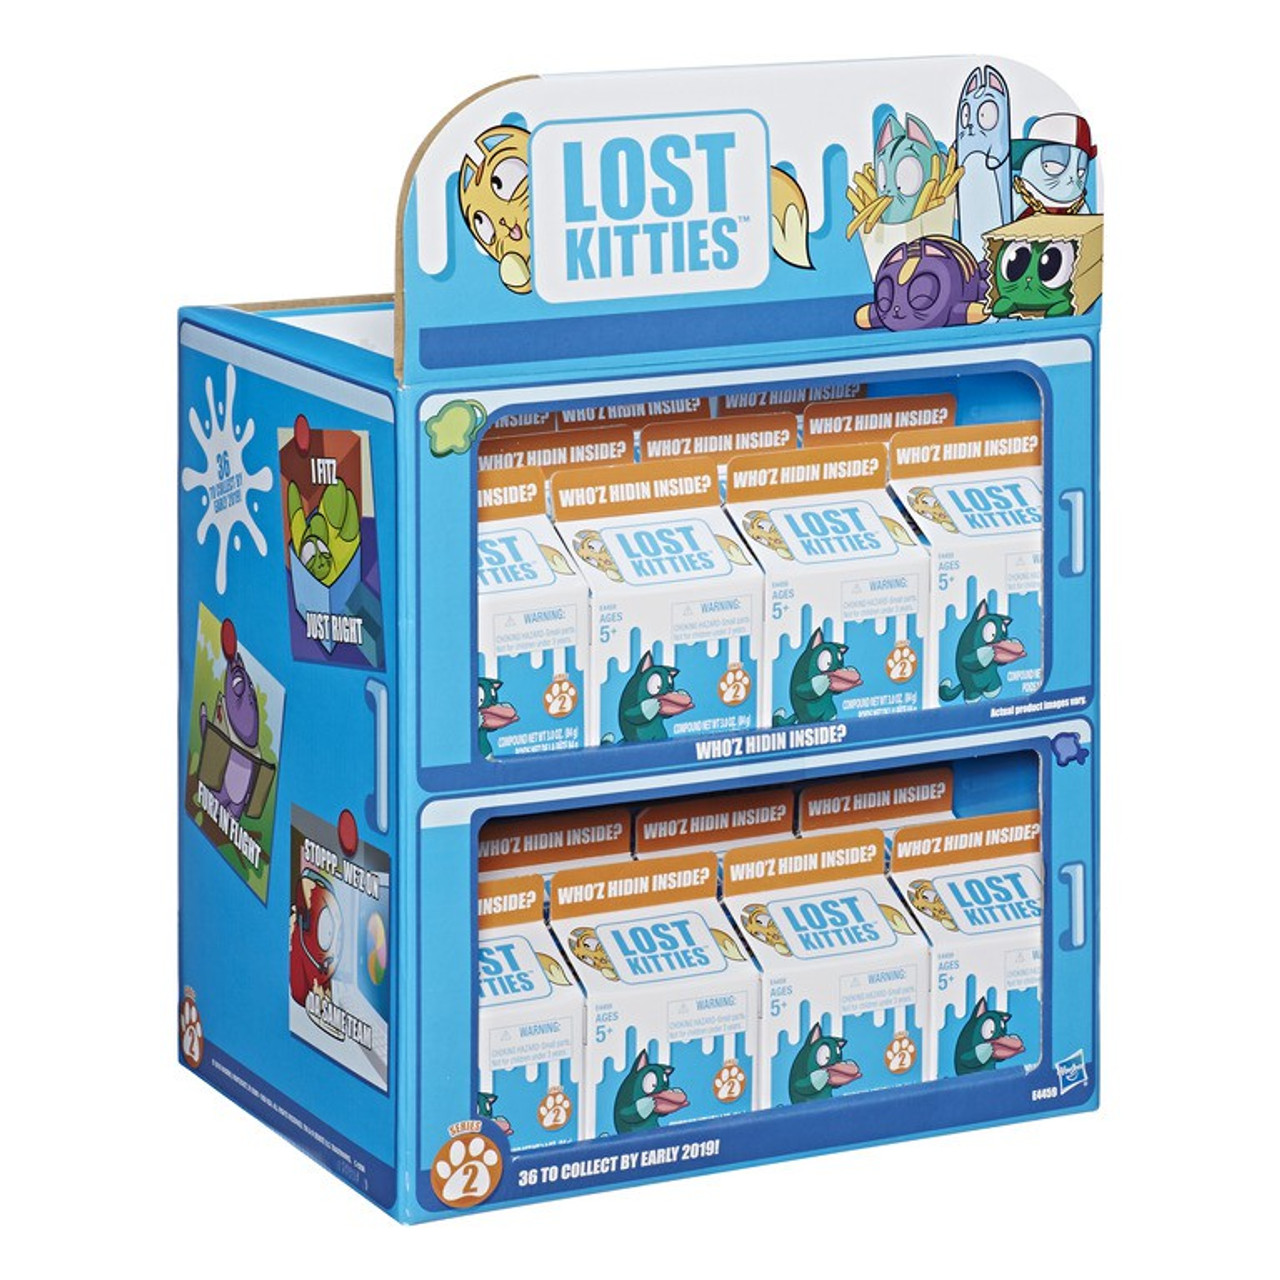 5 Packs Inside! Lost Kitties Series 1 Mystery Multi-Pack